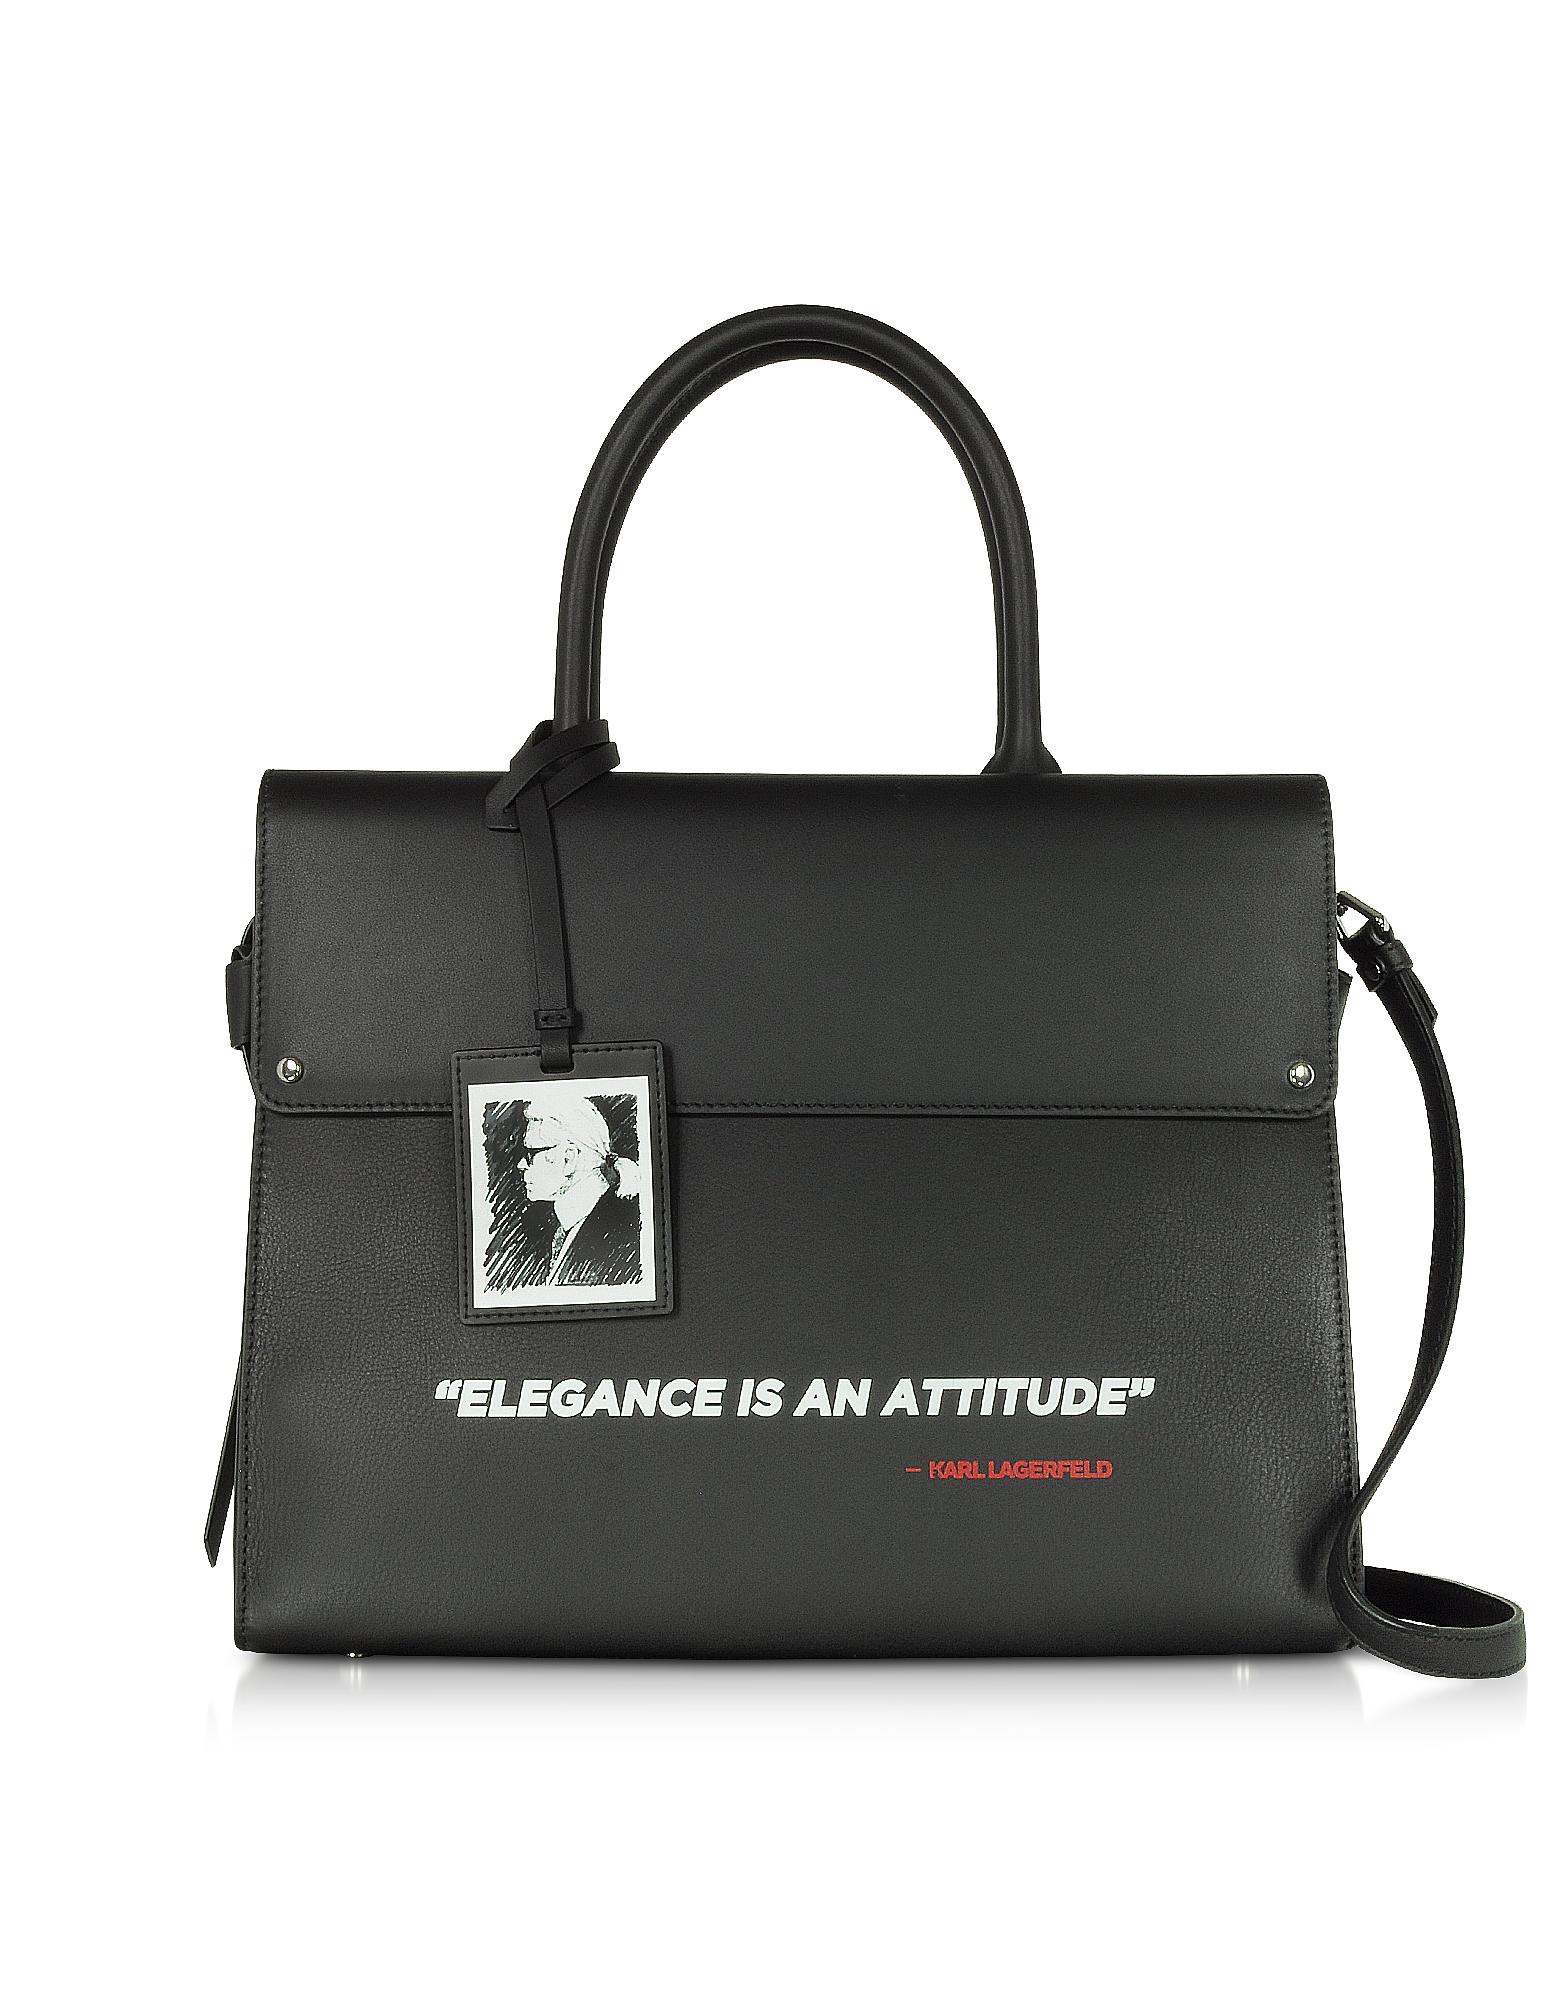 Karl Lagerfeld Designer Handbags, Karl Legend Ikon Top Handle